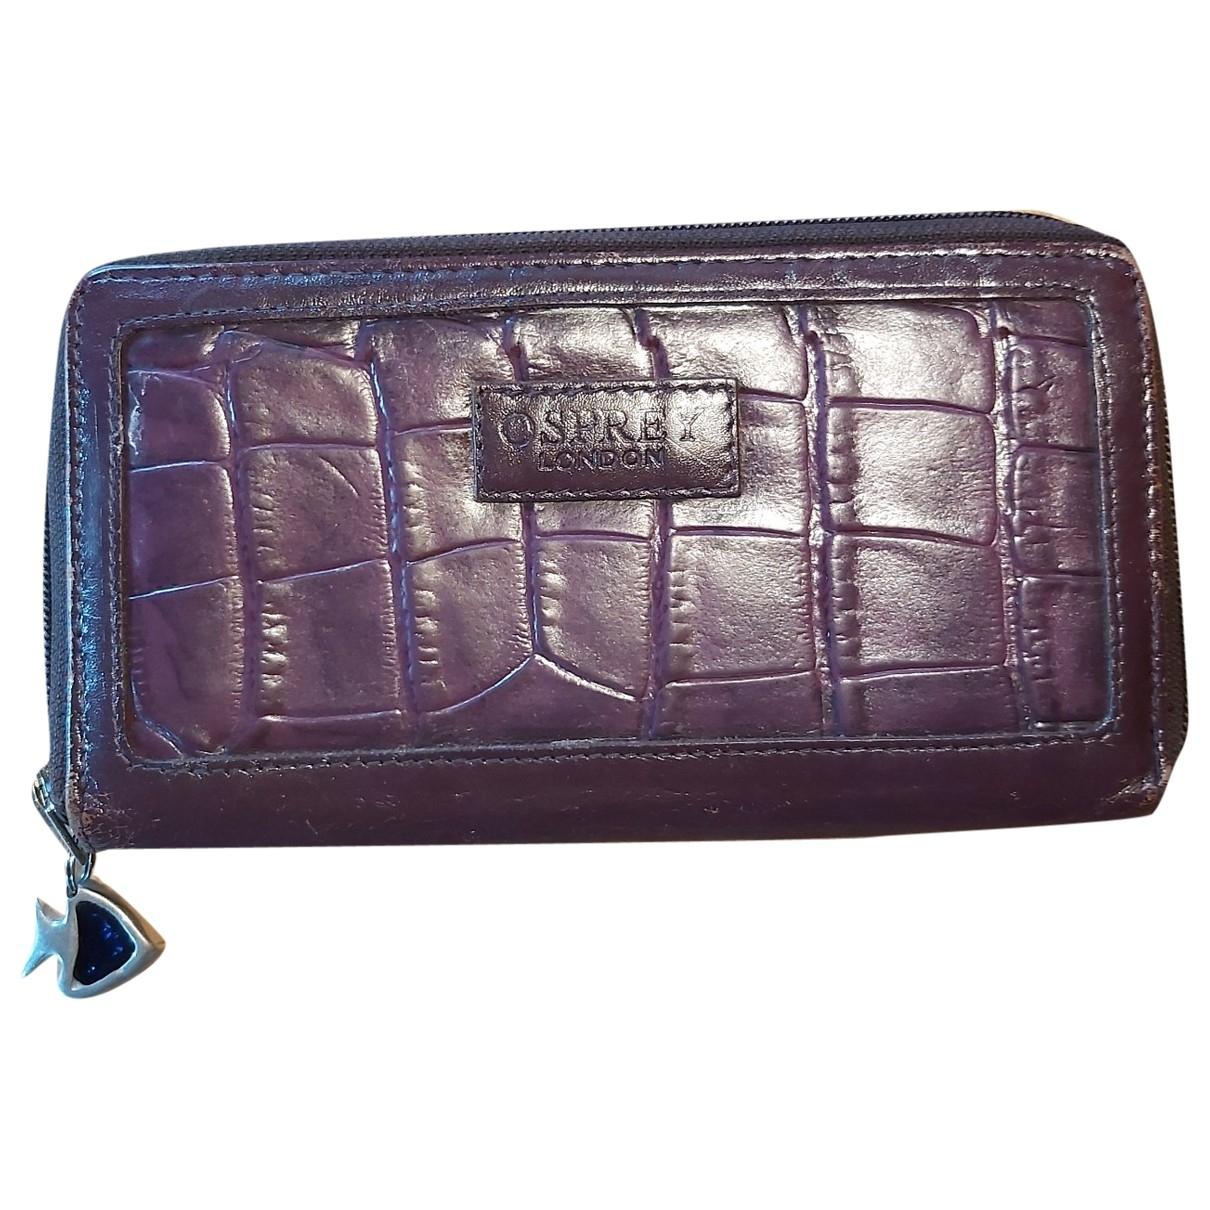 Osprey - Portefeuille   pour femme en cuir - violet